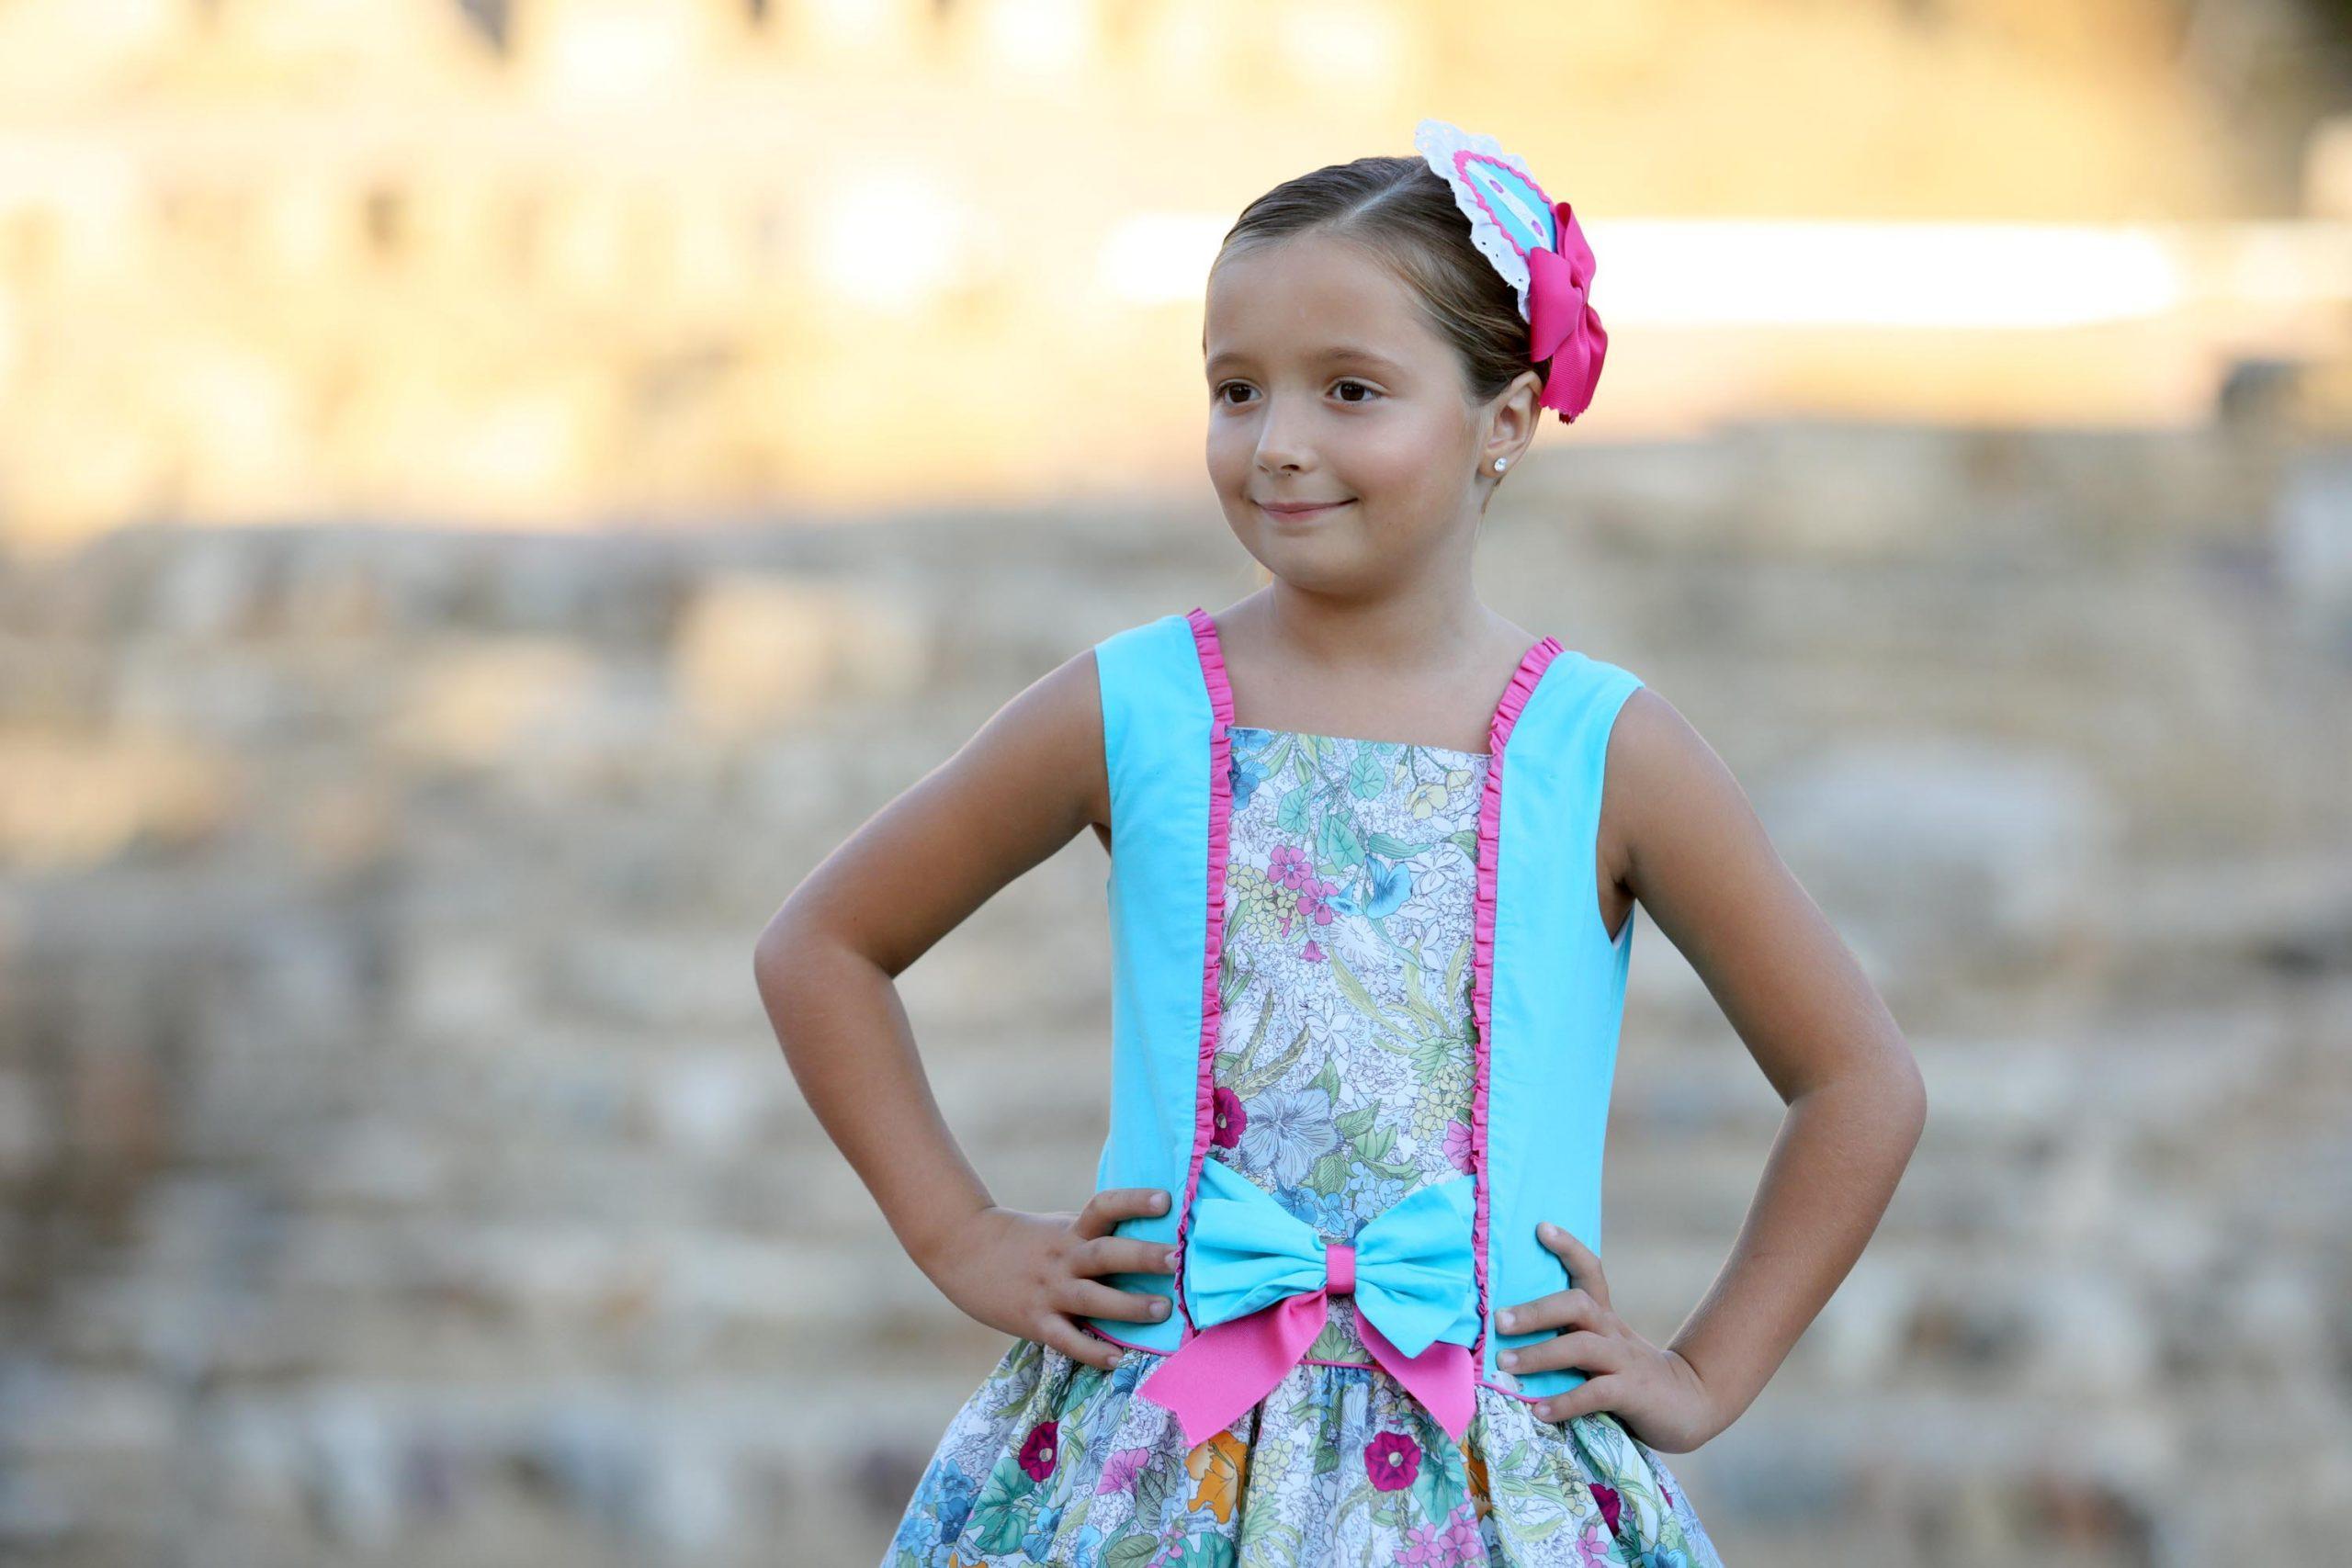 fotografia infantil malaga 7